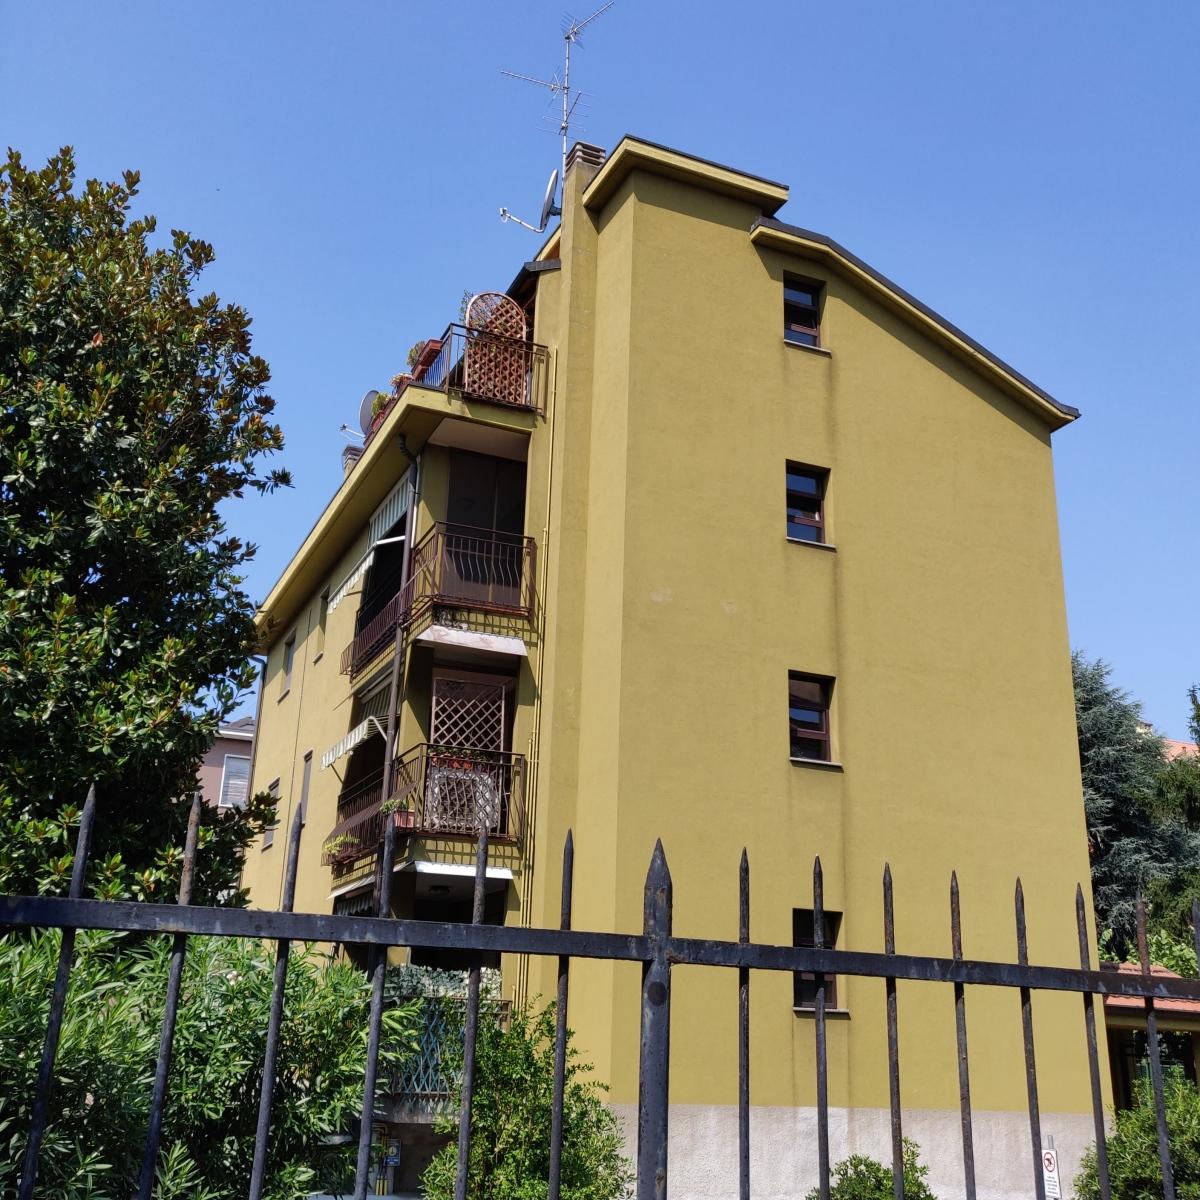 appartamento-in-vendita-a-baggio-via-cassolnovo-bagarotti-3-locali-milano-trilocale-spaziourbano-immobiliare-vende-24